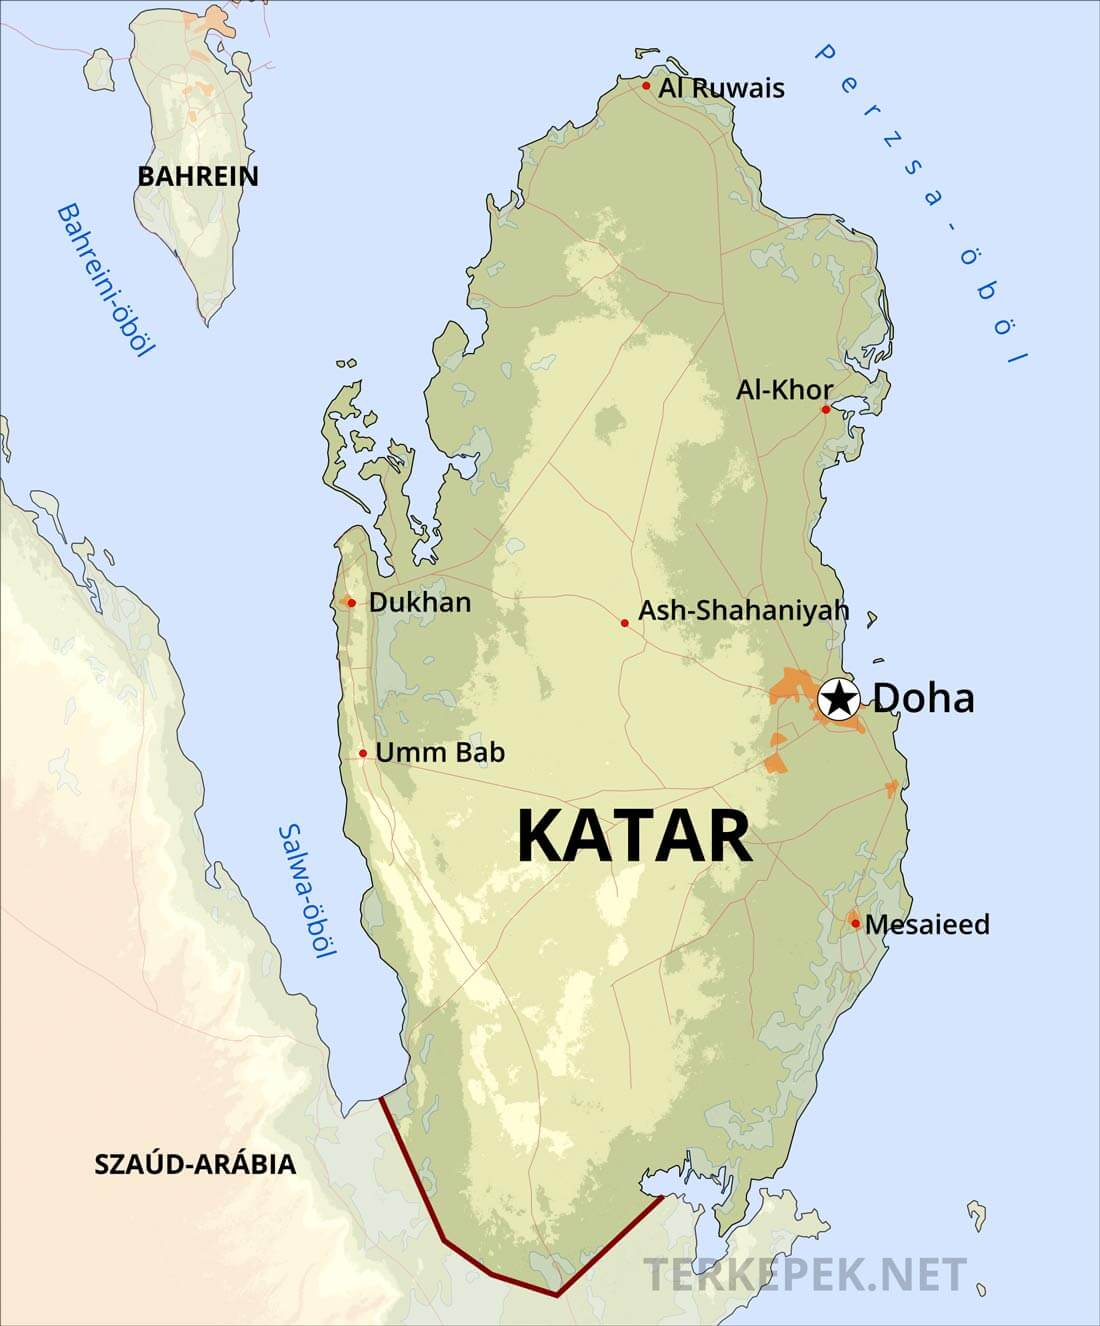 katar térkép Katar domborzati térképe katar térkép